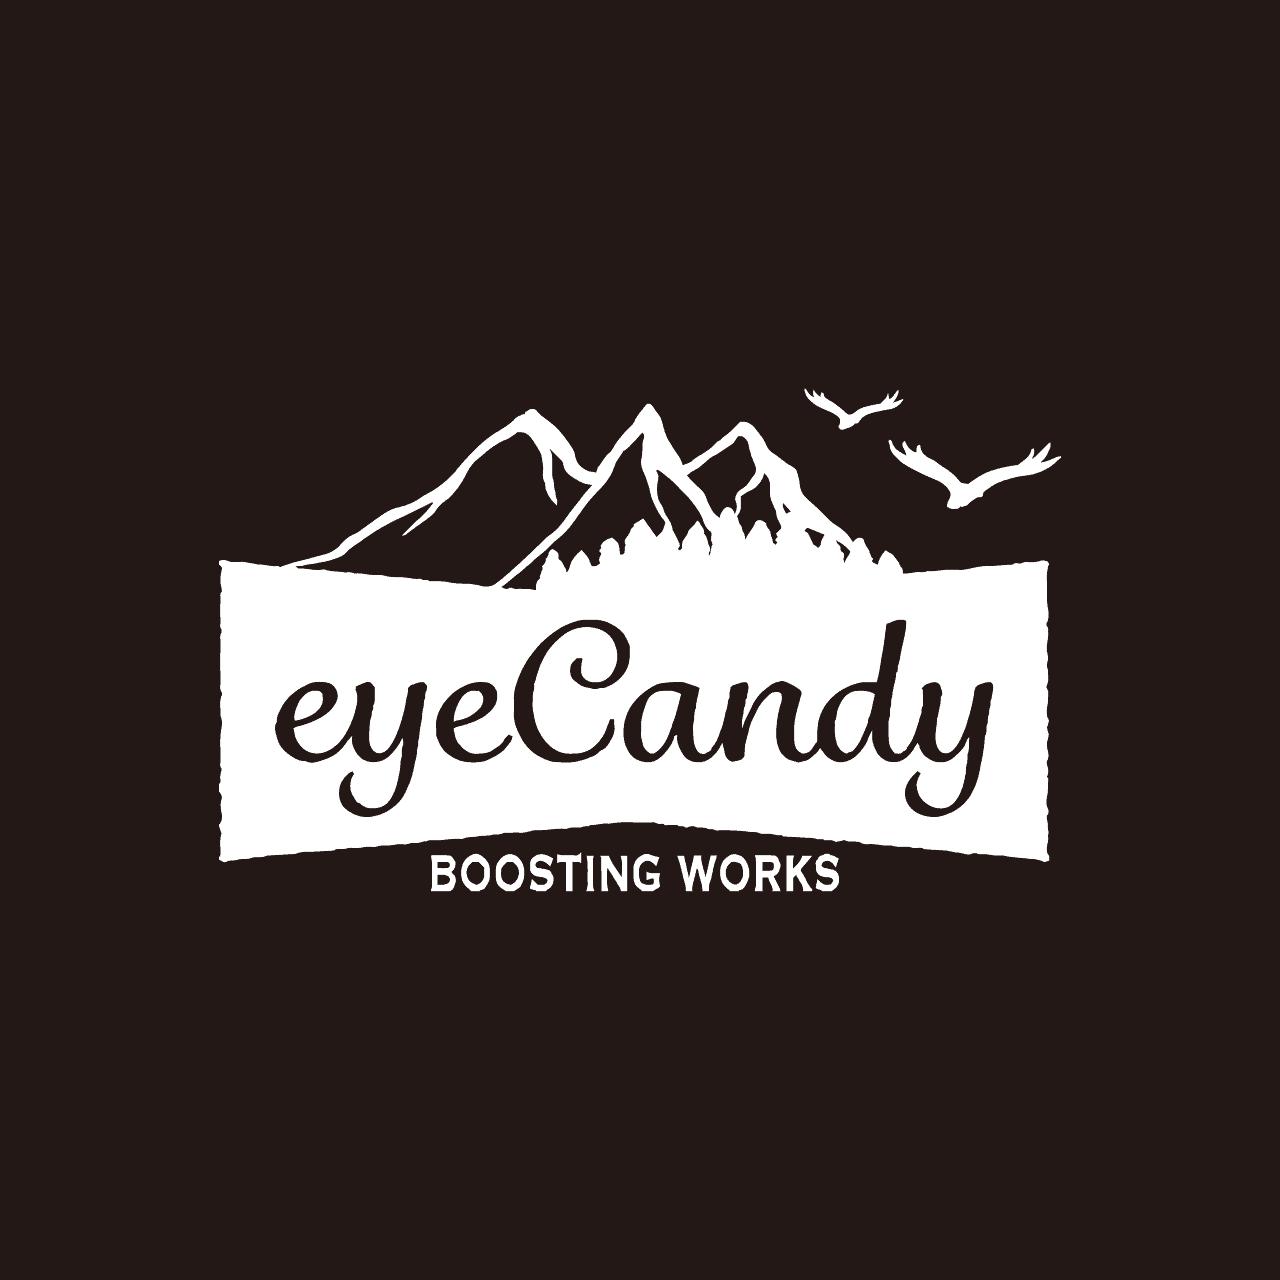 eyecandyロゴ